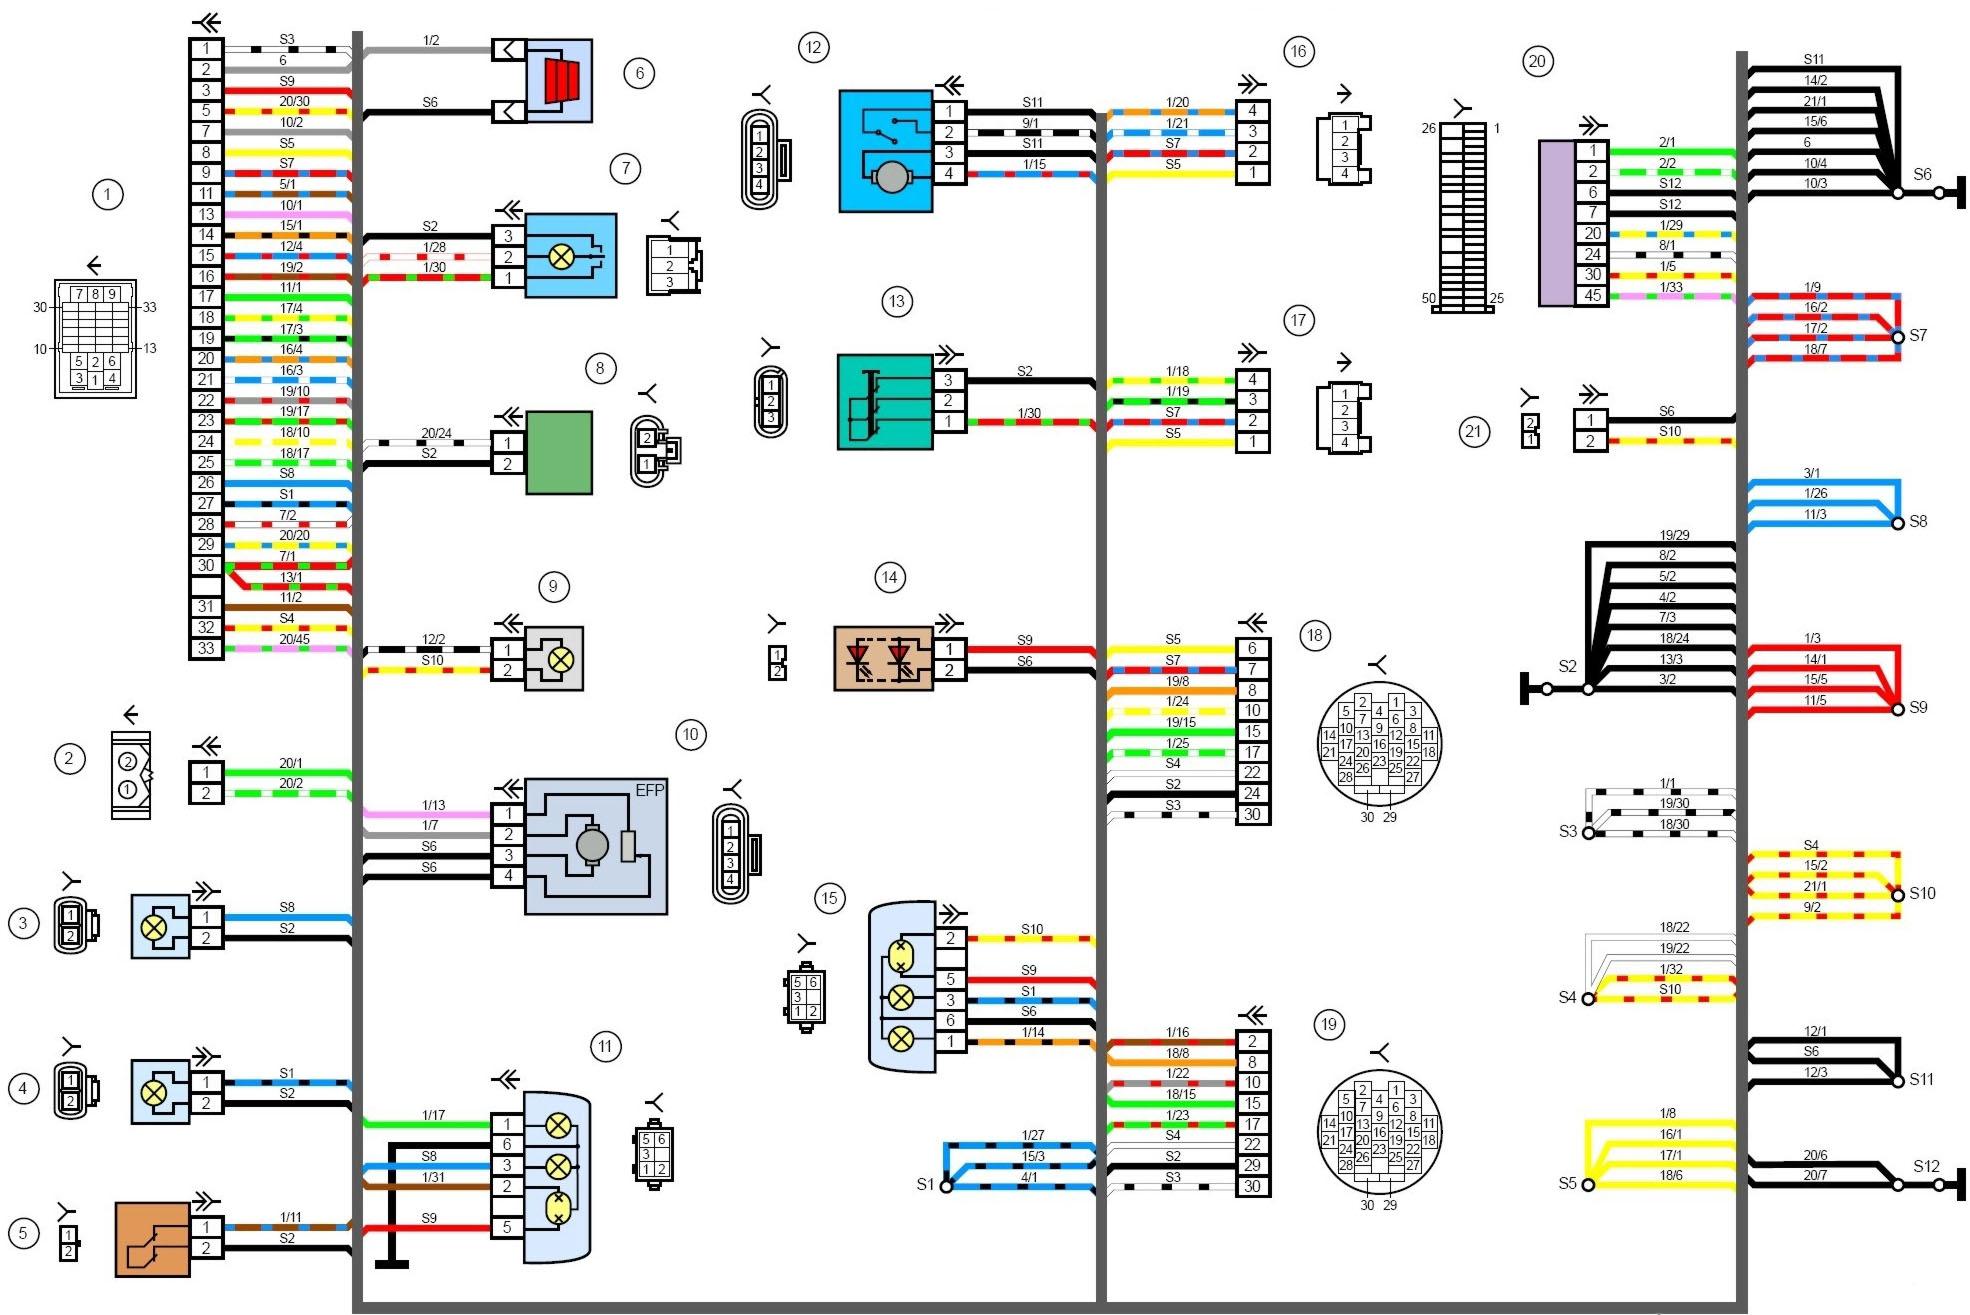 Обозначения на схеме электропроводки автомобиля